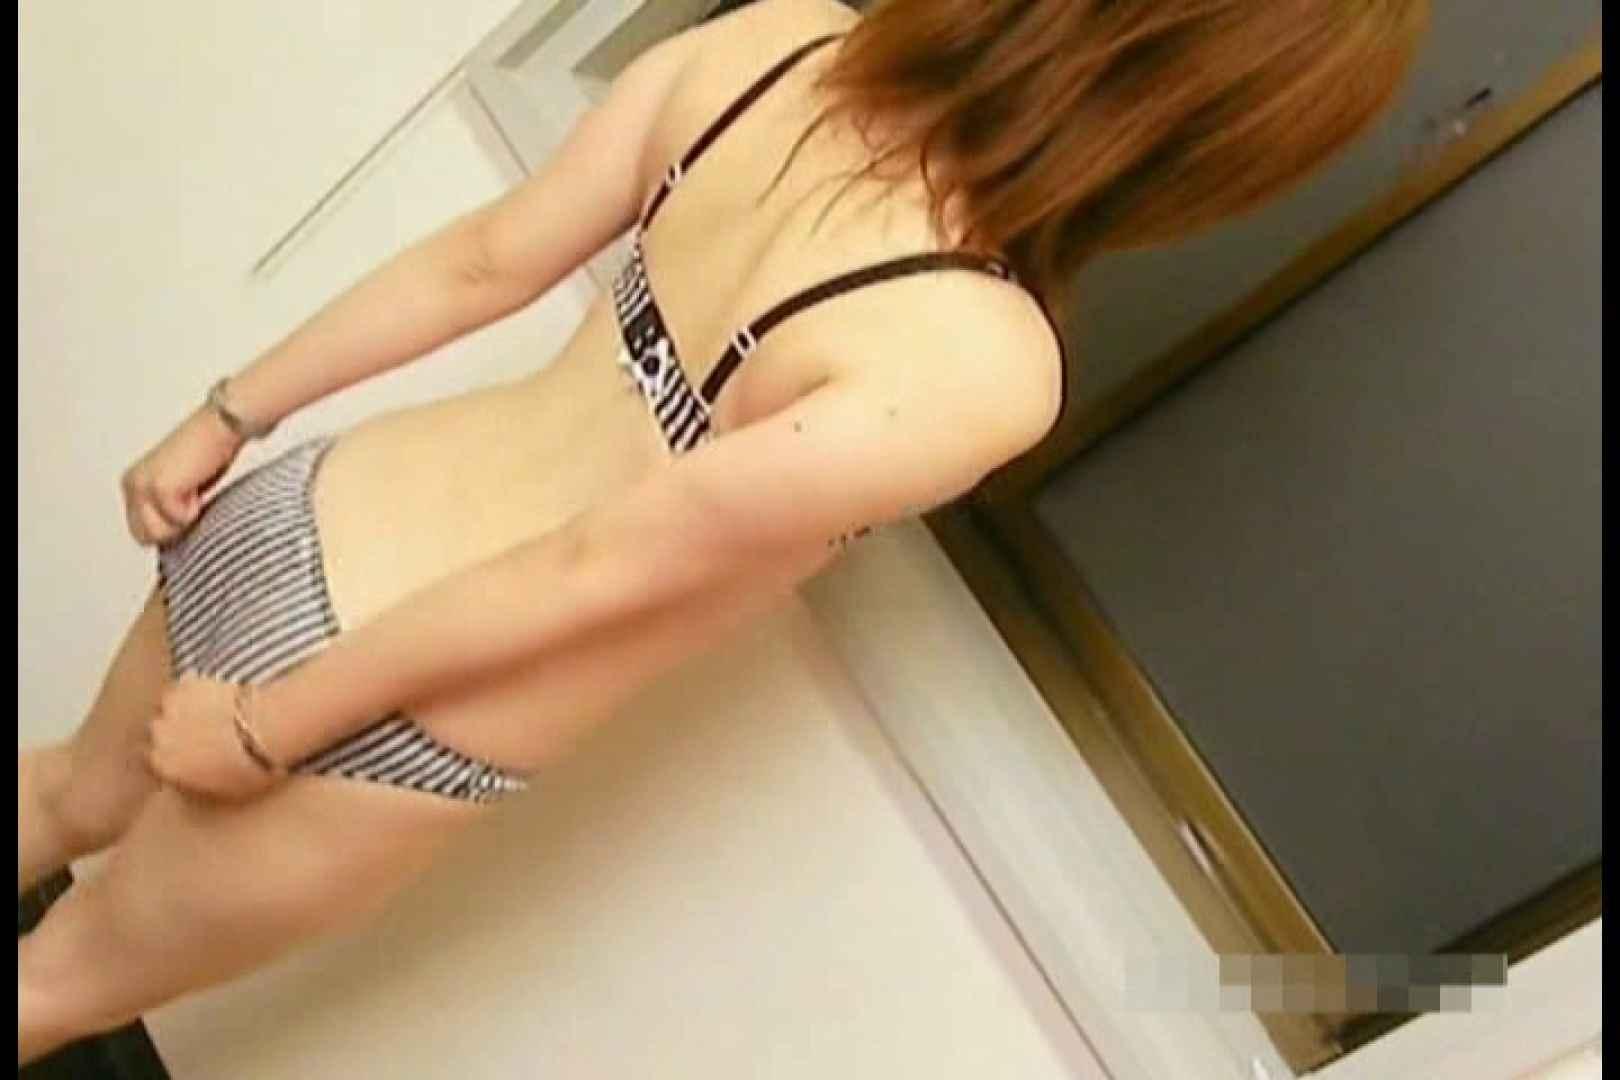 素人撮影 下着だけの撮影のはずが・・・愛22歳 盗撮 戯れ無修正画像 45pic 38